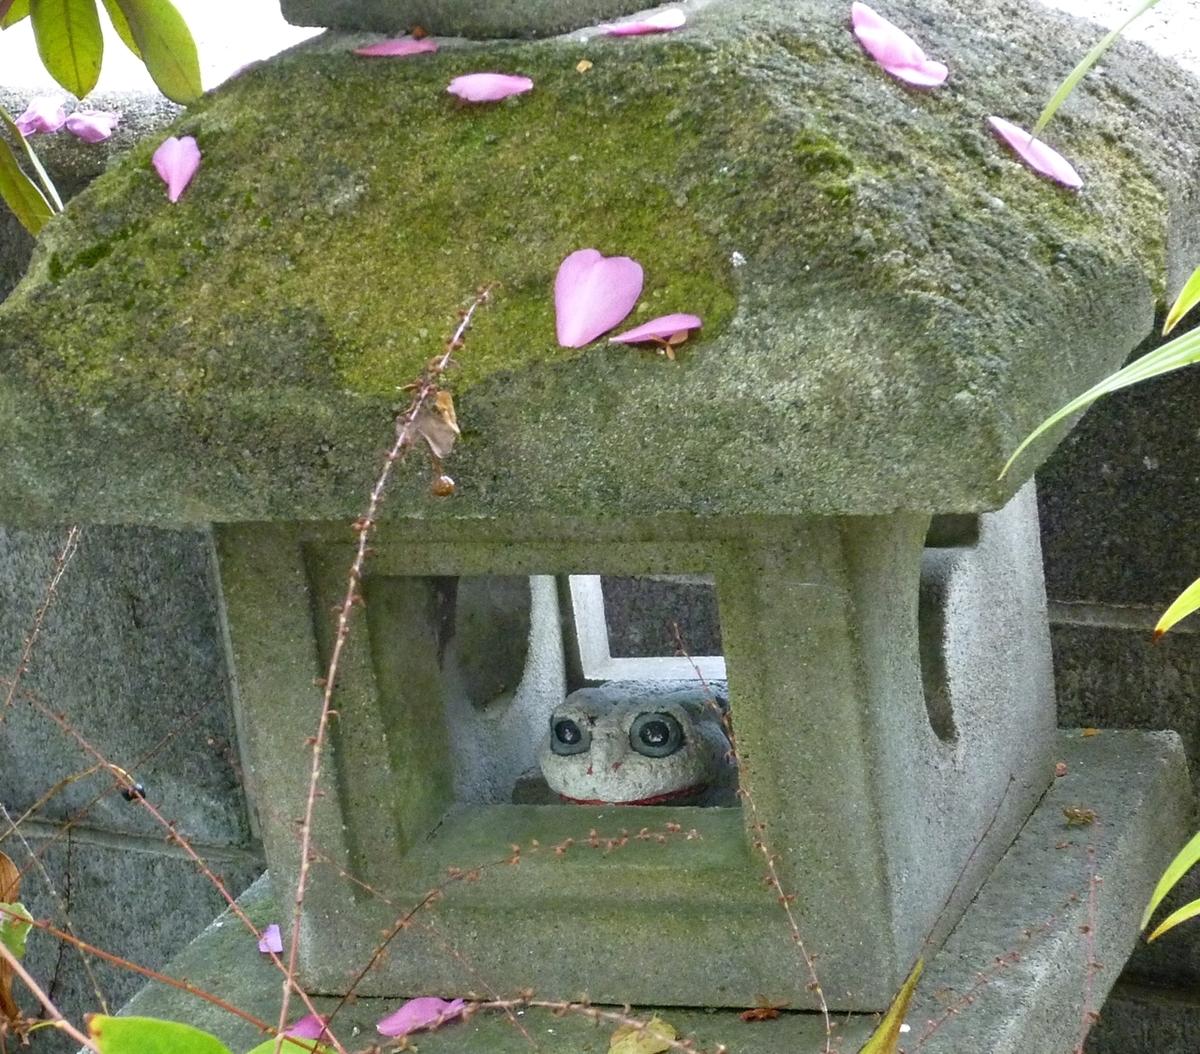 山茶花の花びらをのせた石灯籠と石製のカエル